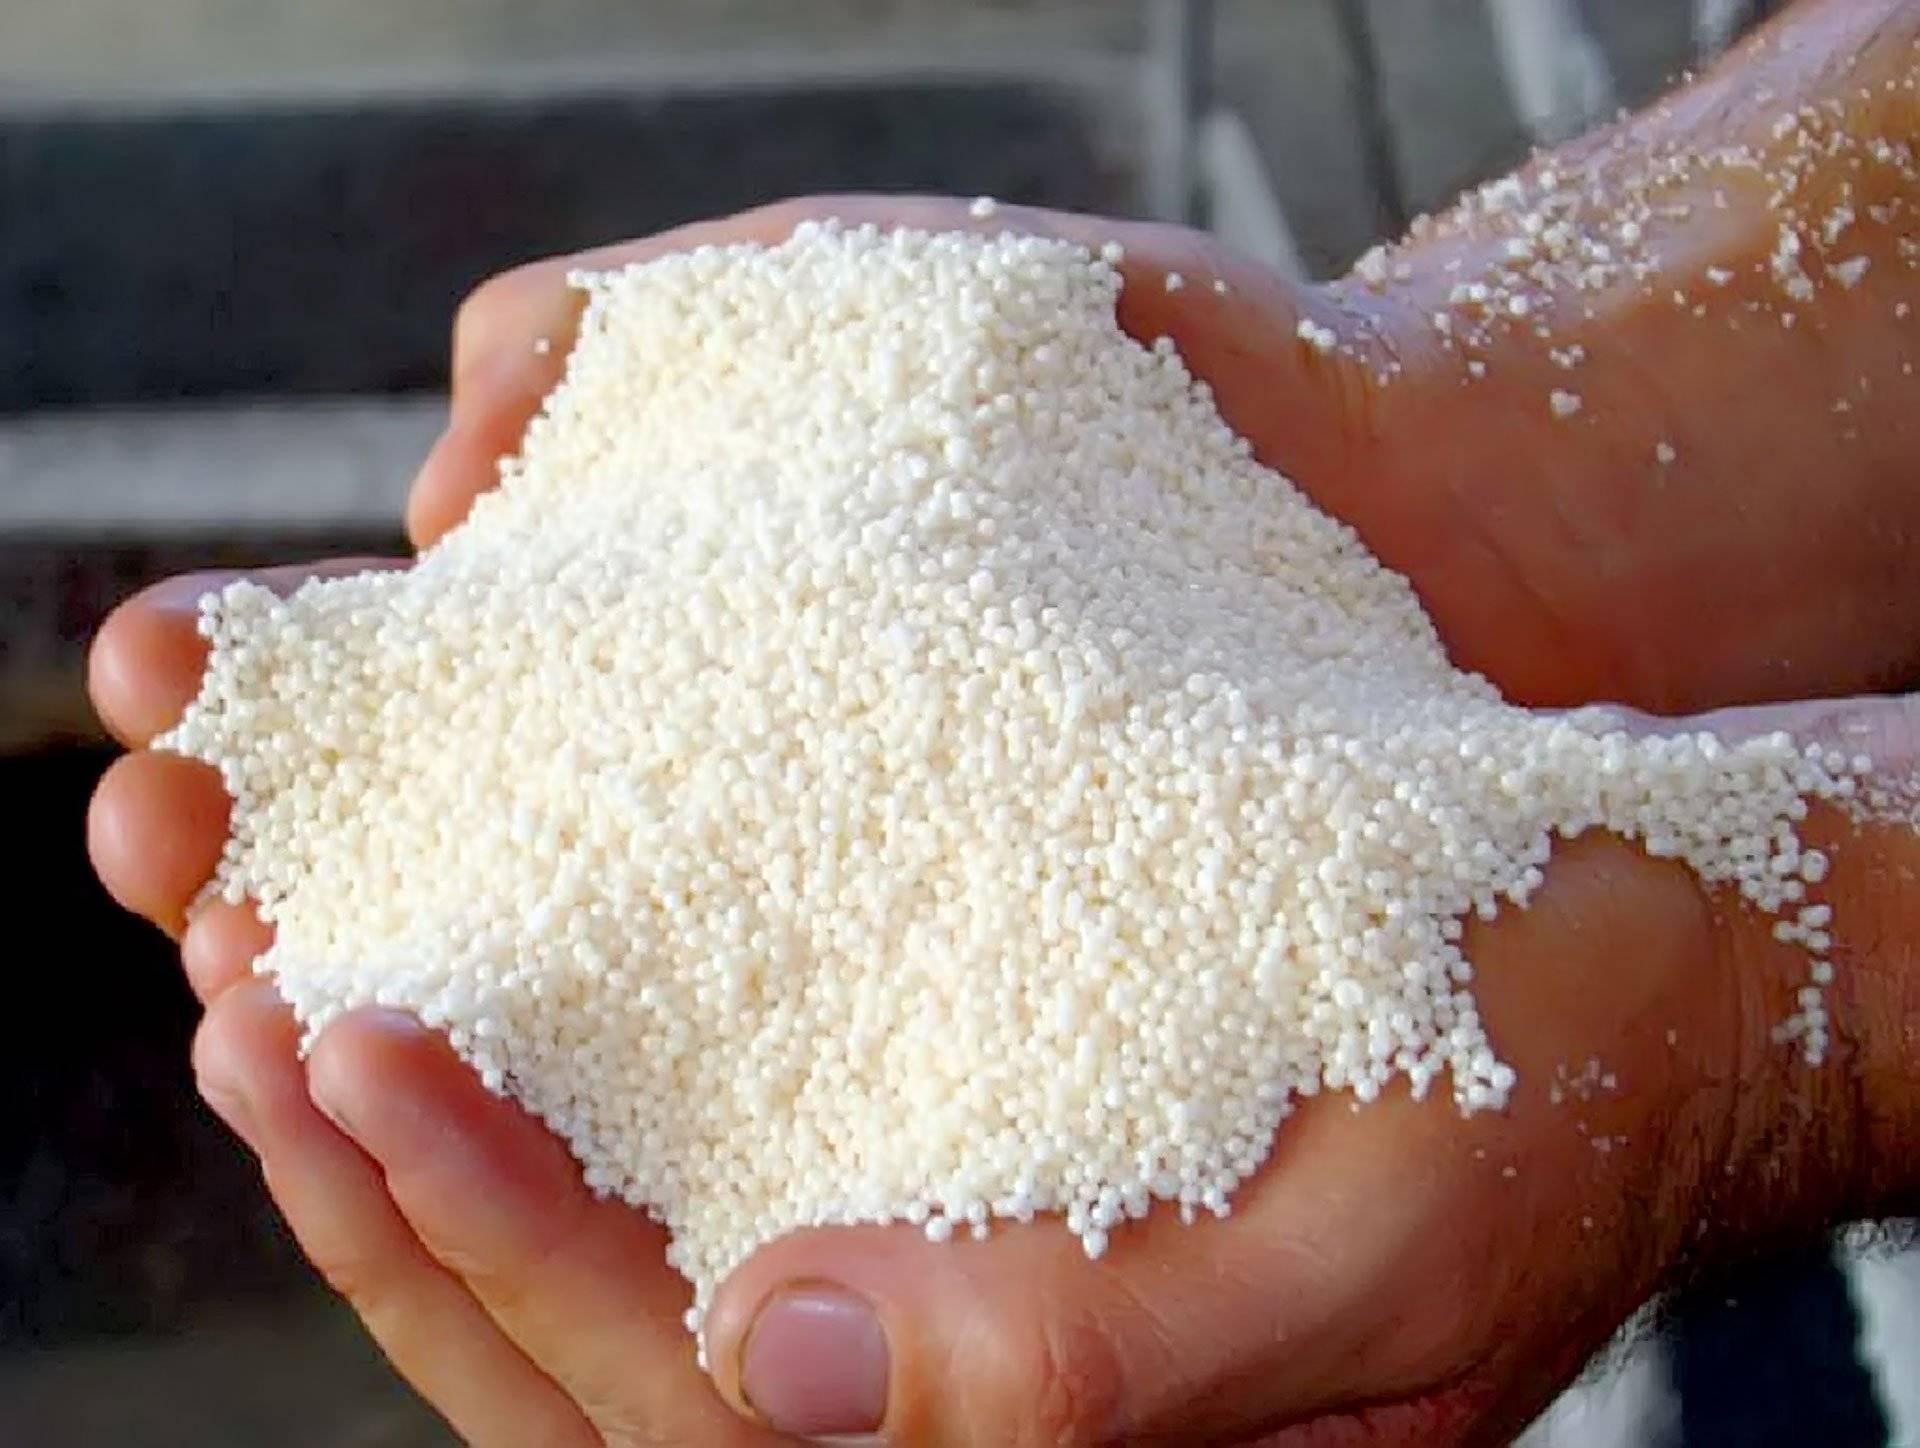 Аммиачная селитра или нитрат аммония: состав, свойства удобрения, применение в садоводстве и на огороде